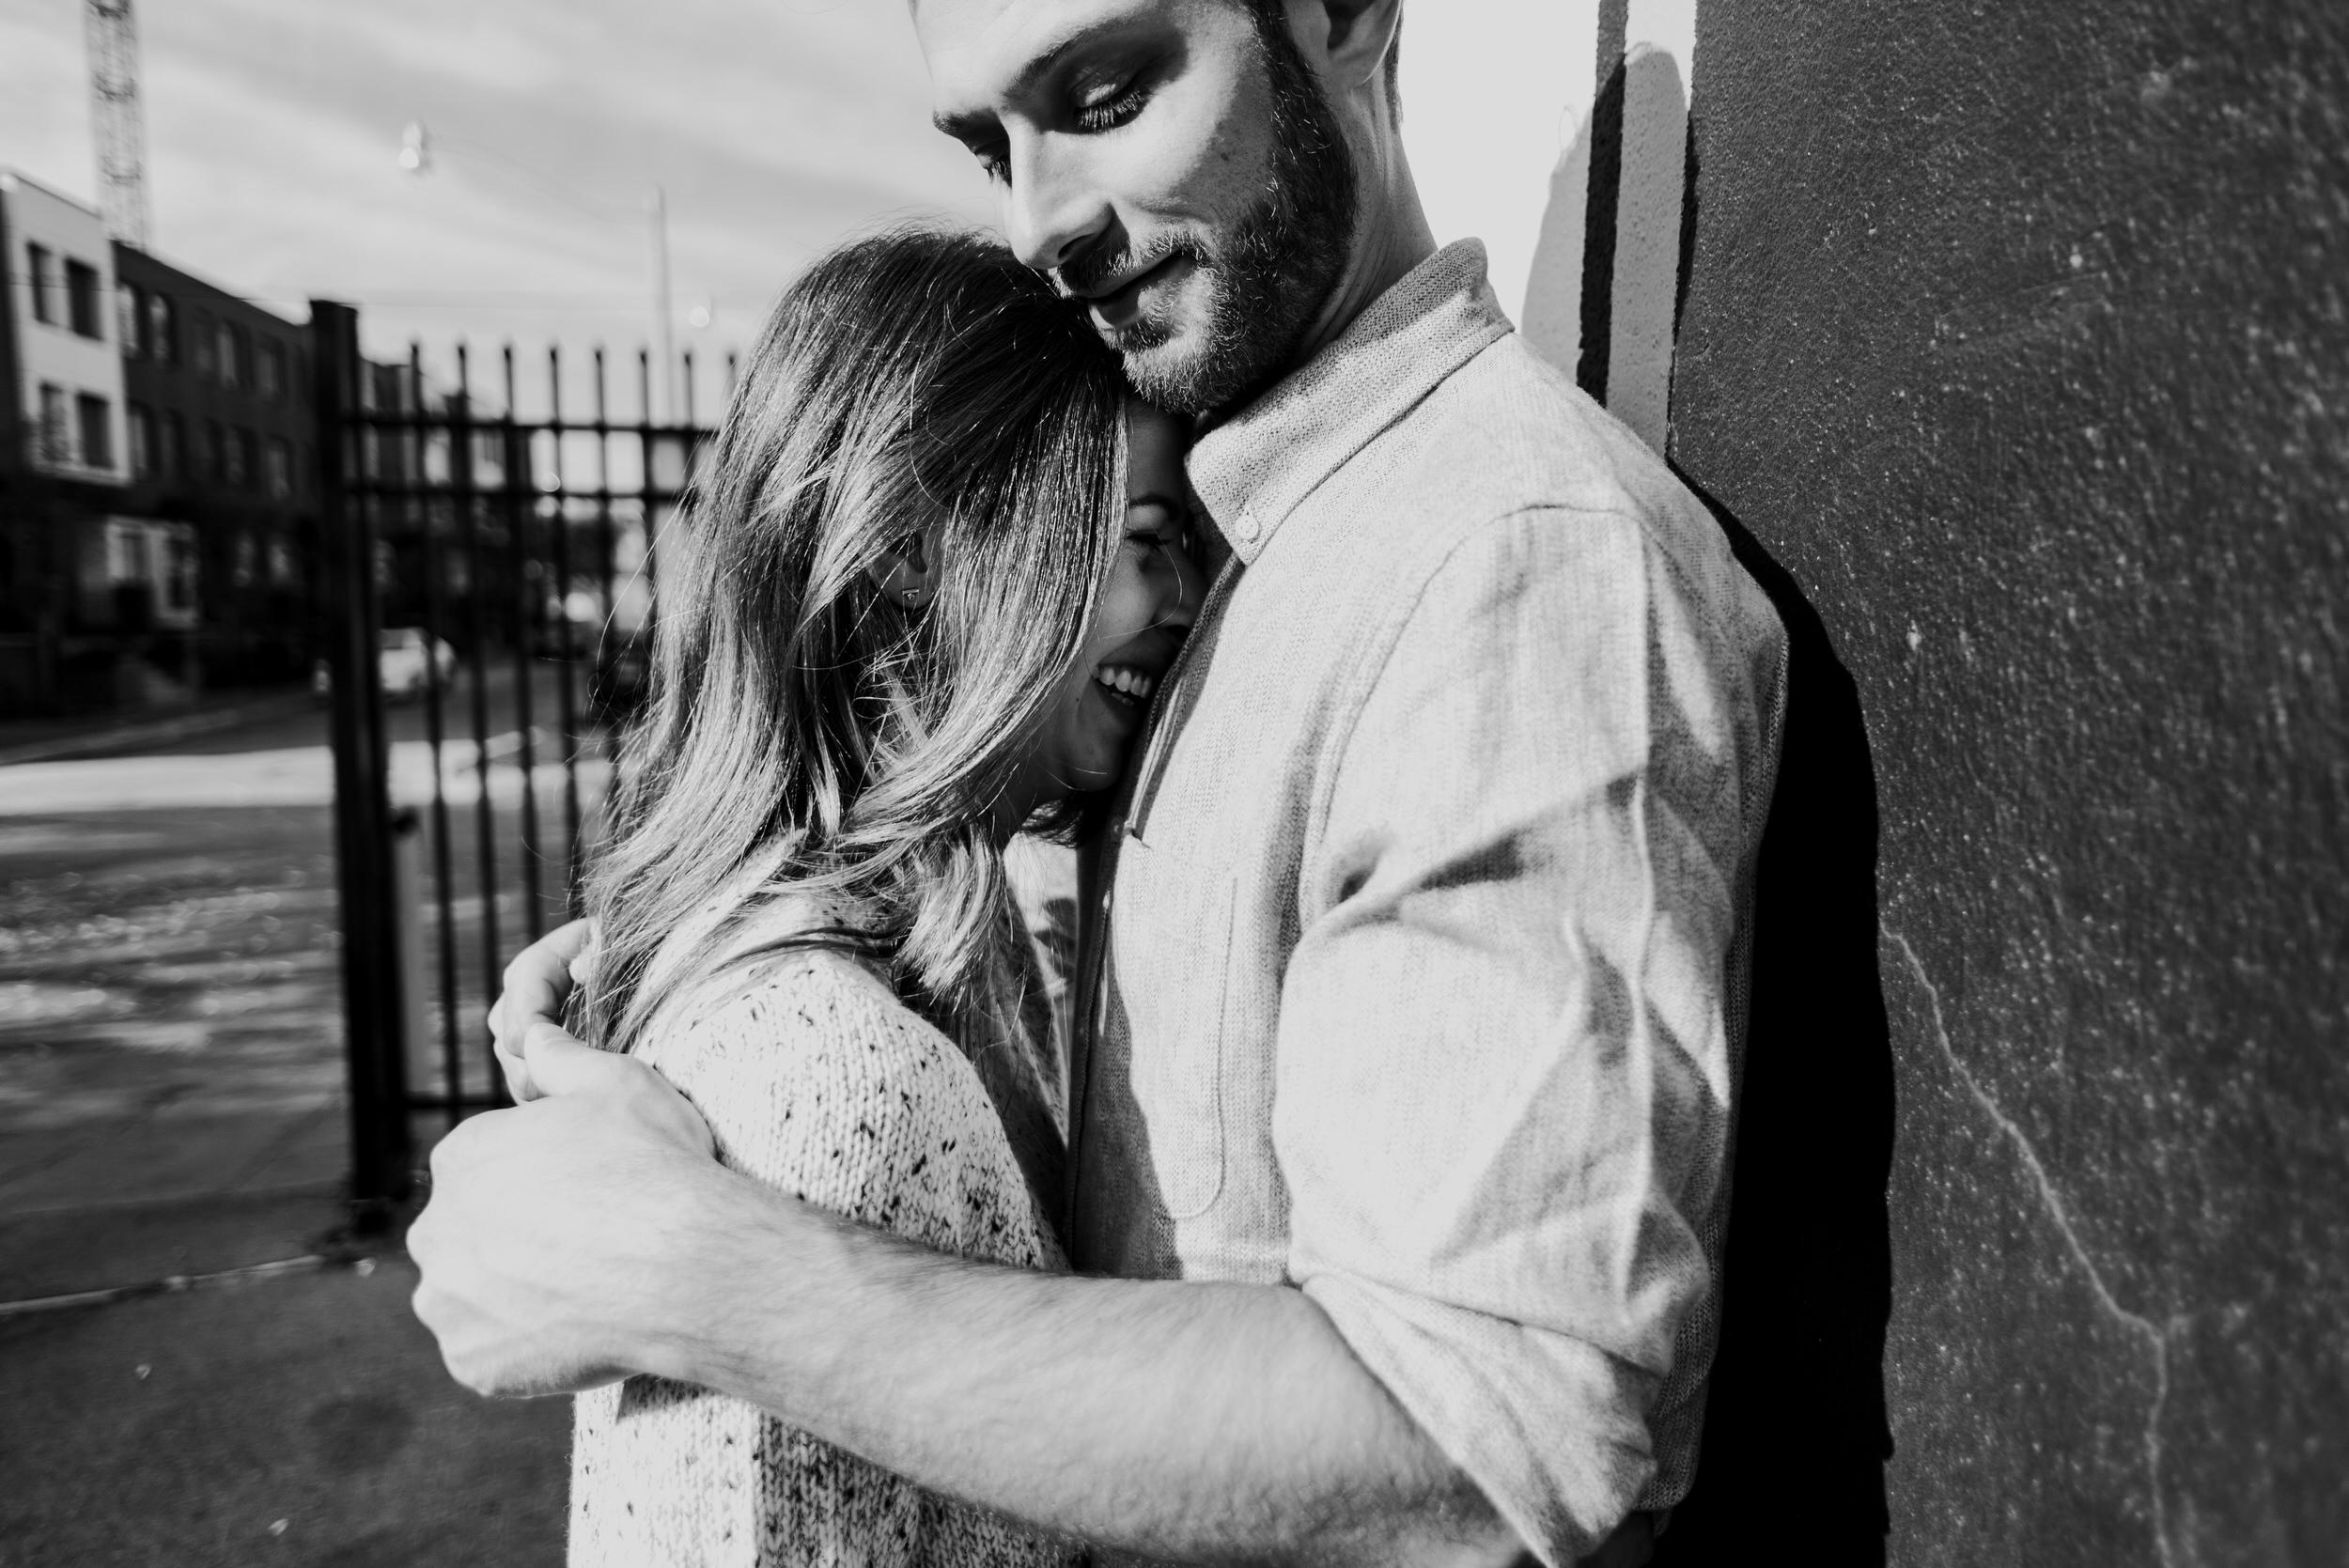 lesley&jon_love-172.JPG